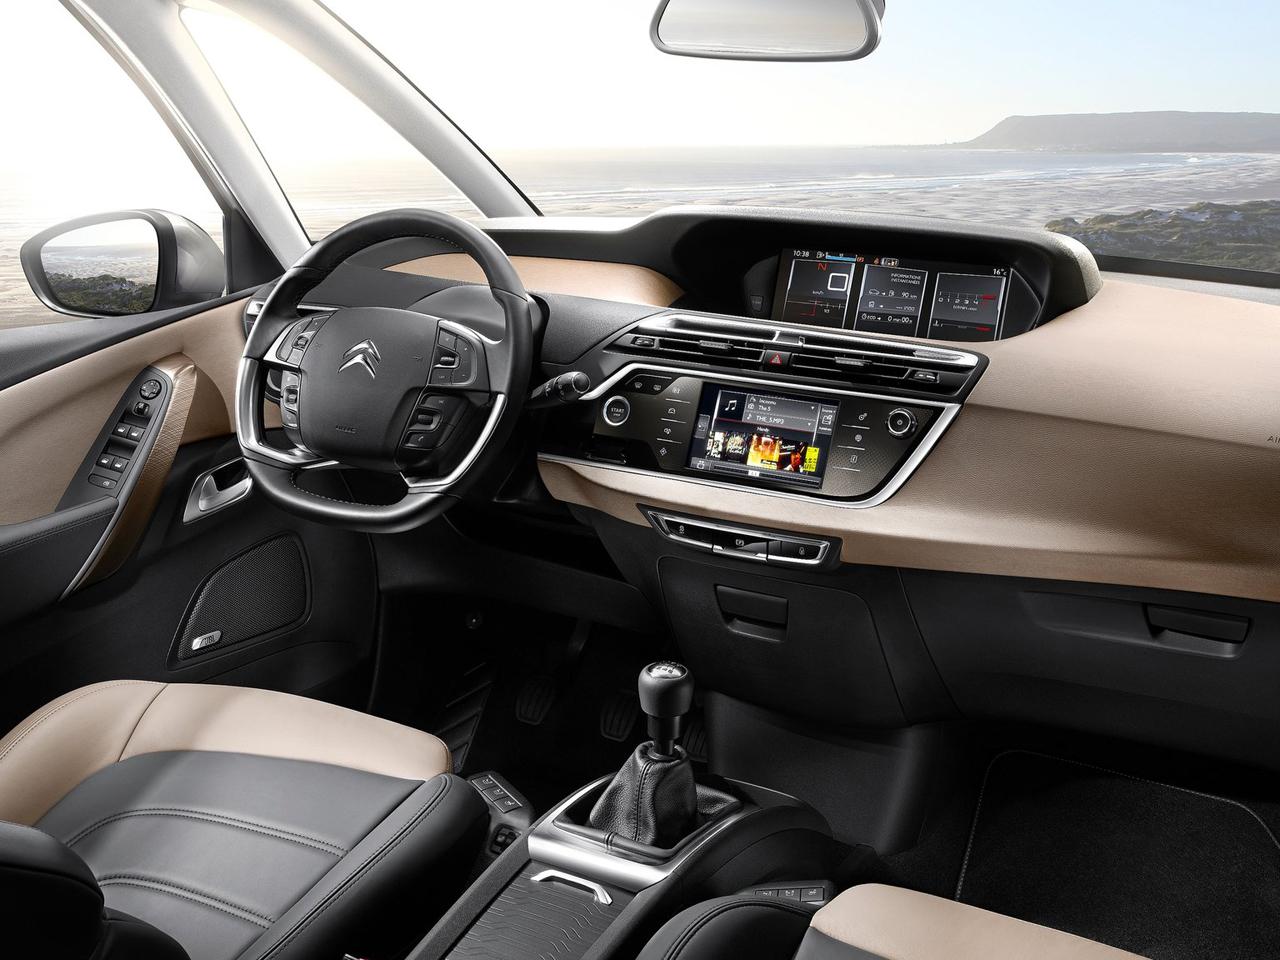 Interior Citroën Grand C4 Picasso